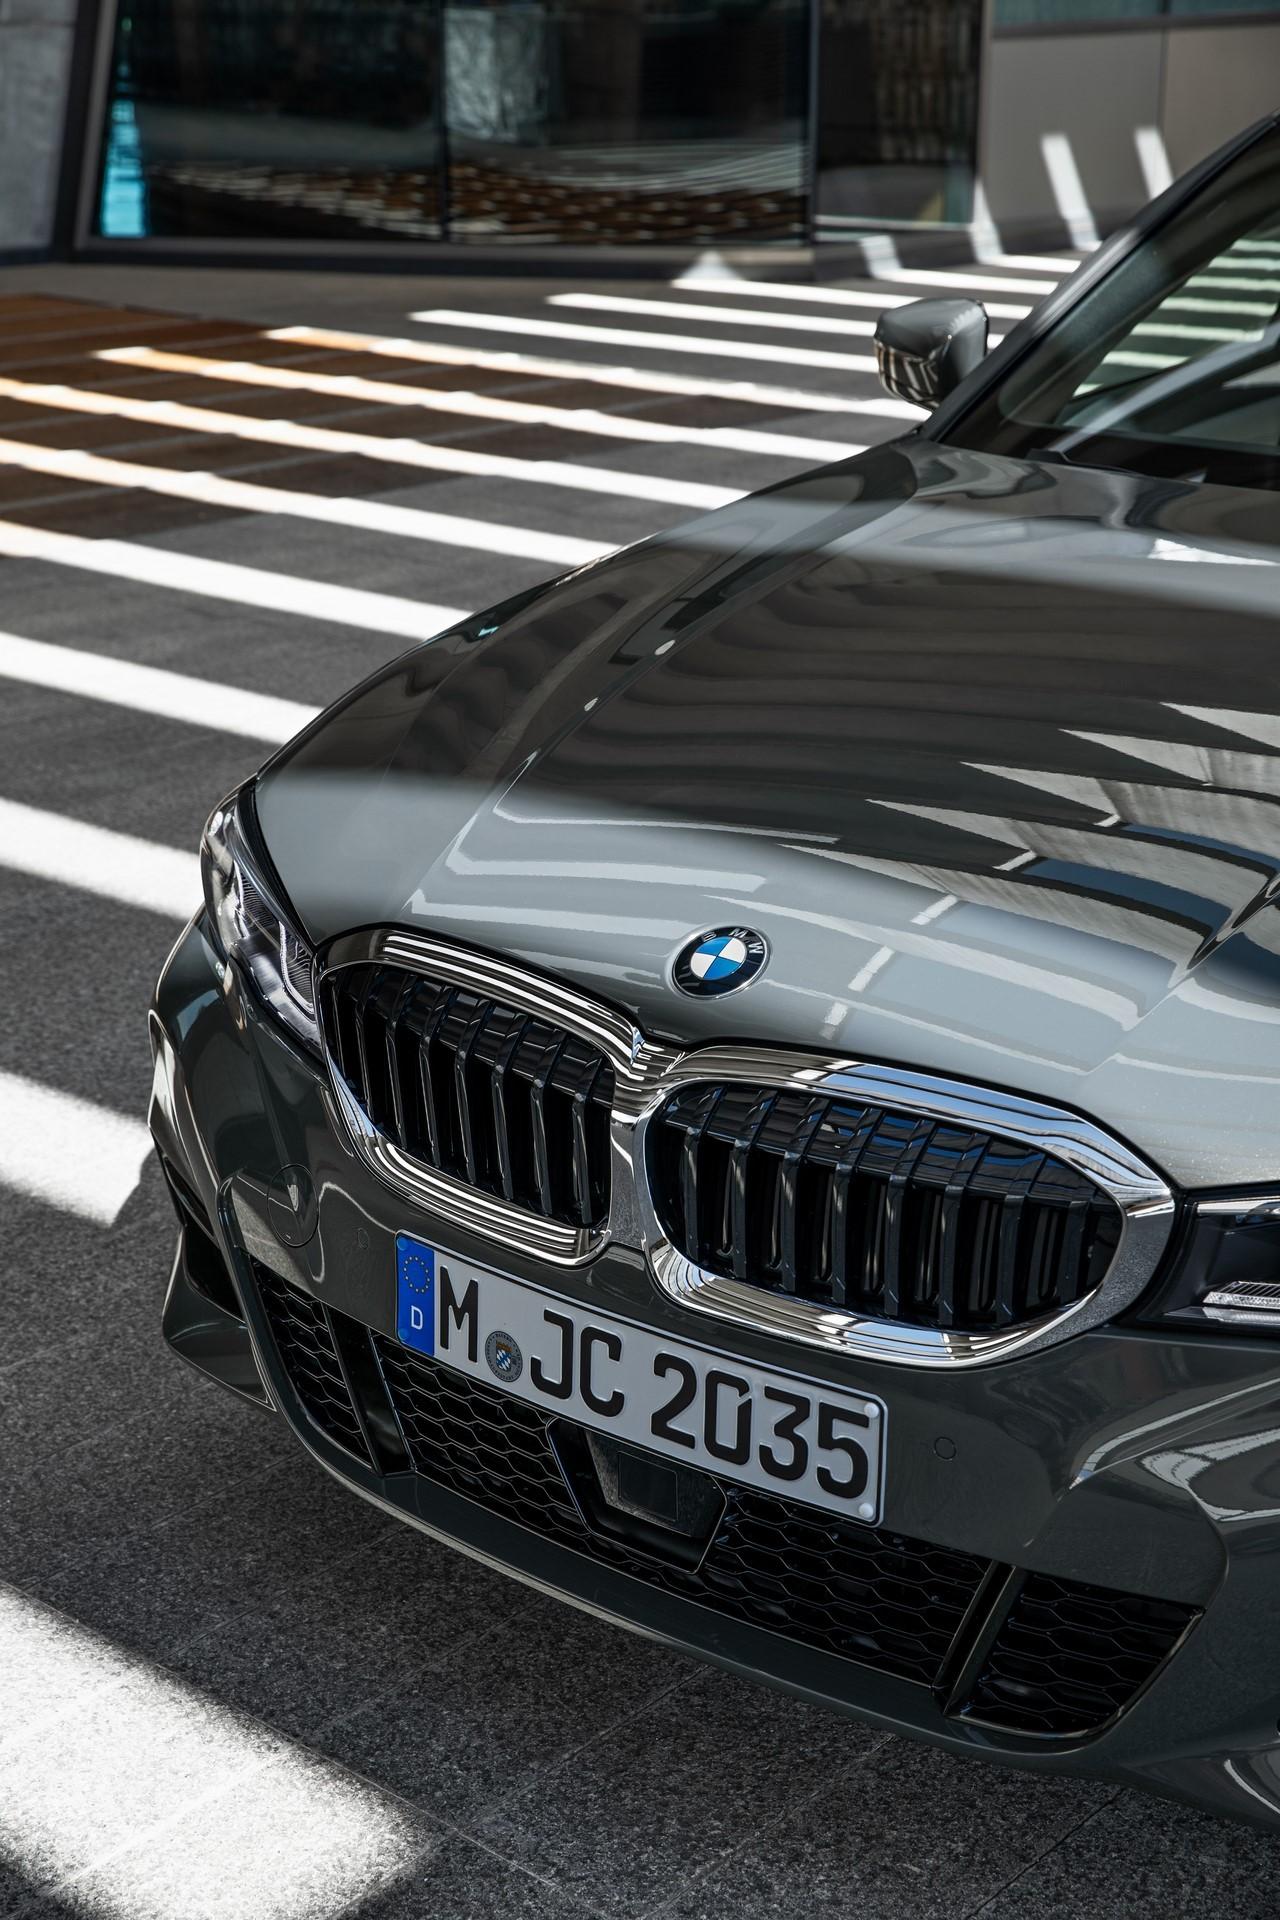 BMW-3-Series-Touring-2019-83